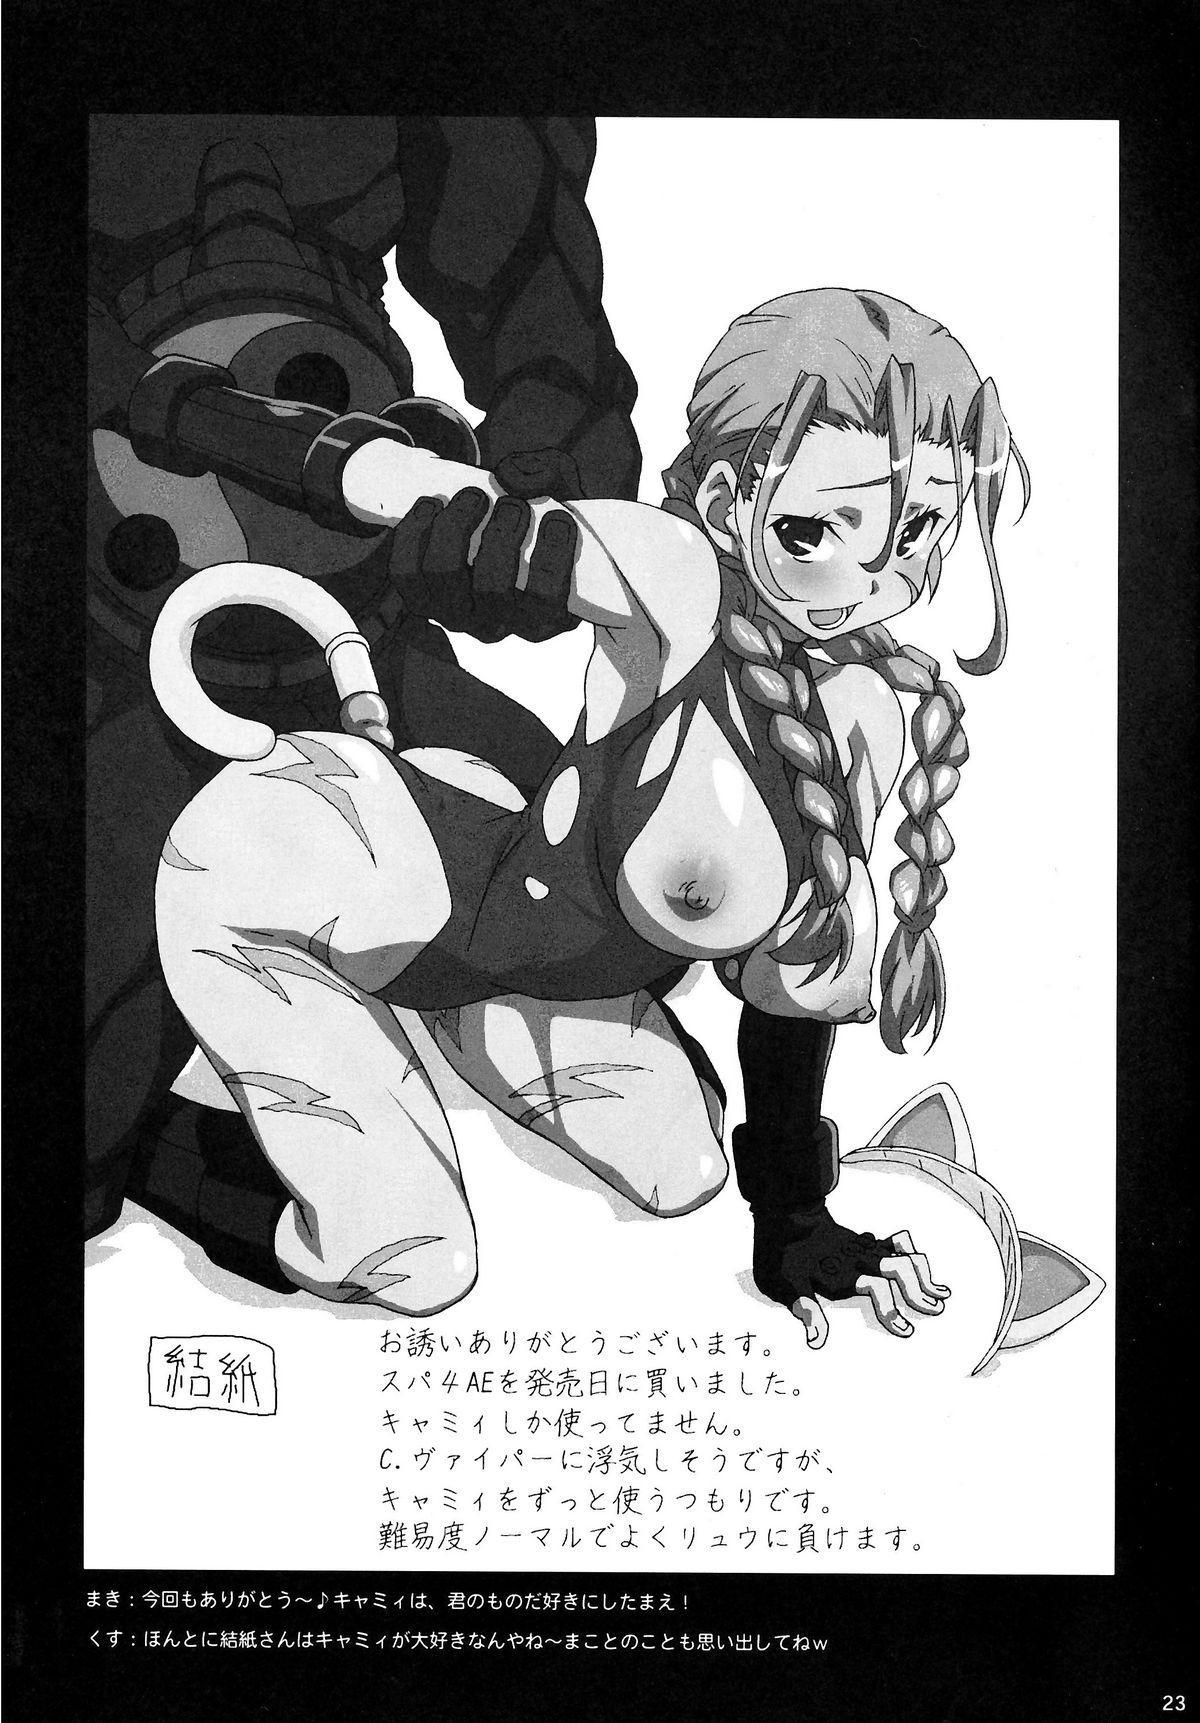 Kuruoshikishioki 21